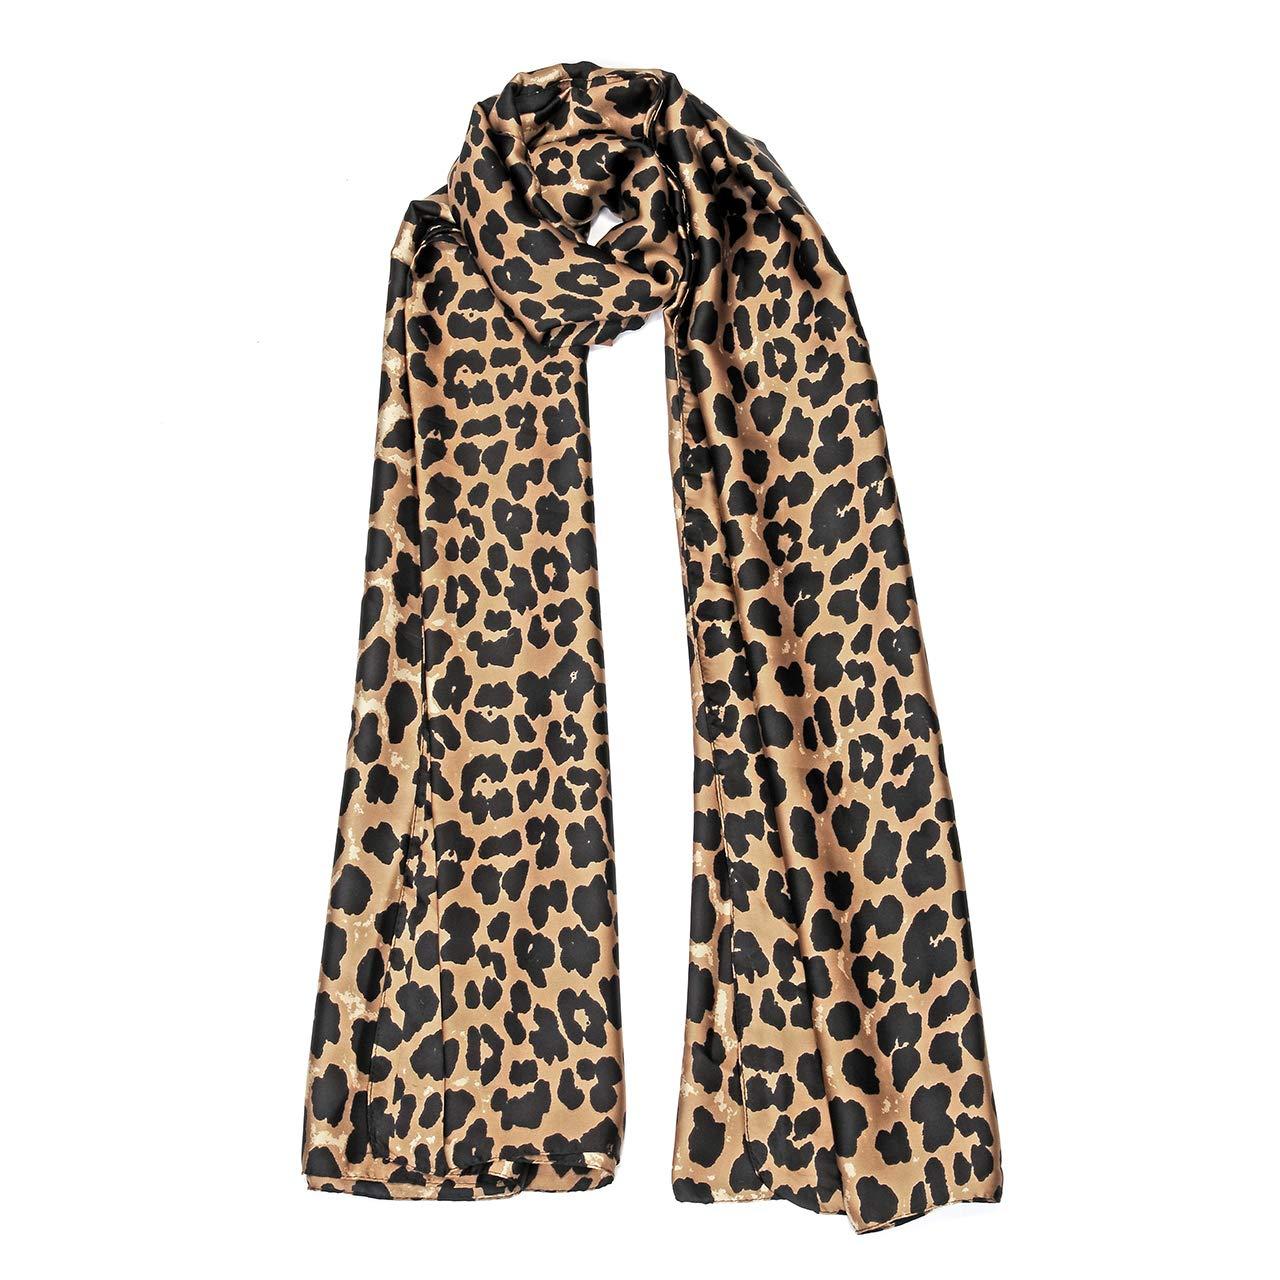 93be5e1a152 Faletony Grande Écharpe Châle Femme Imprimé Leopard en Soie Factice Léger  Col Chaud Foulard Hiver Printemps ...